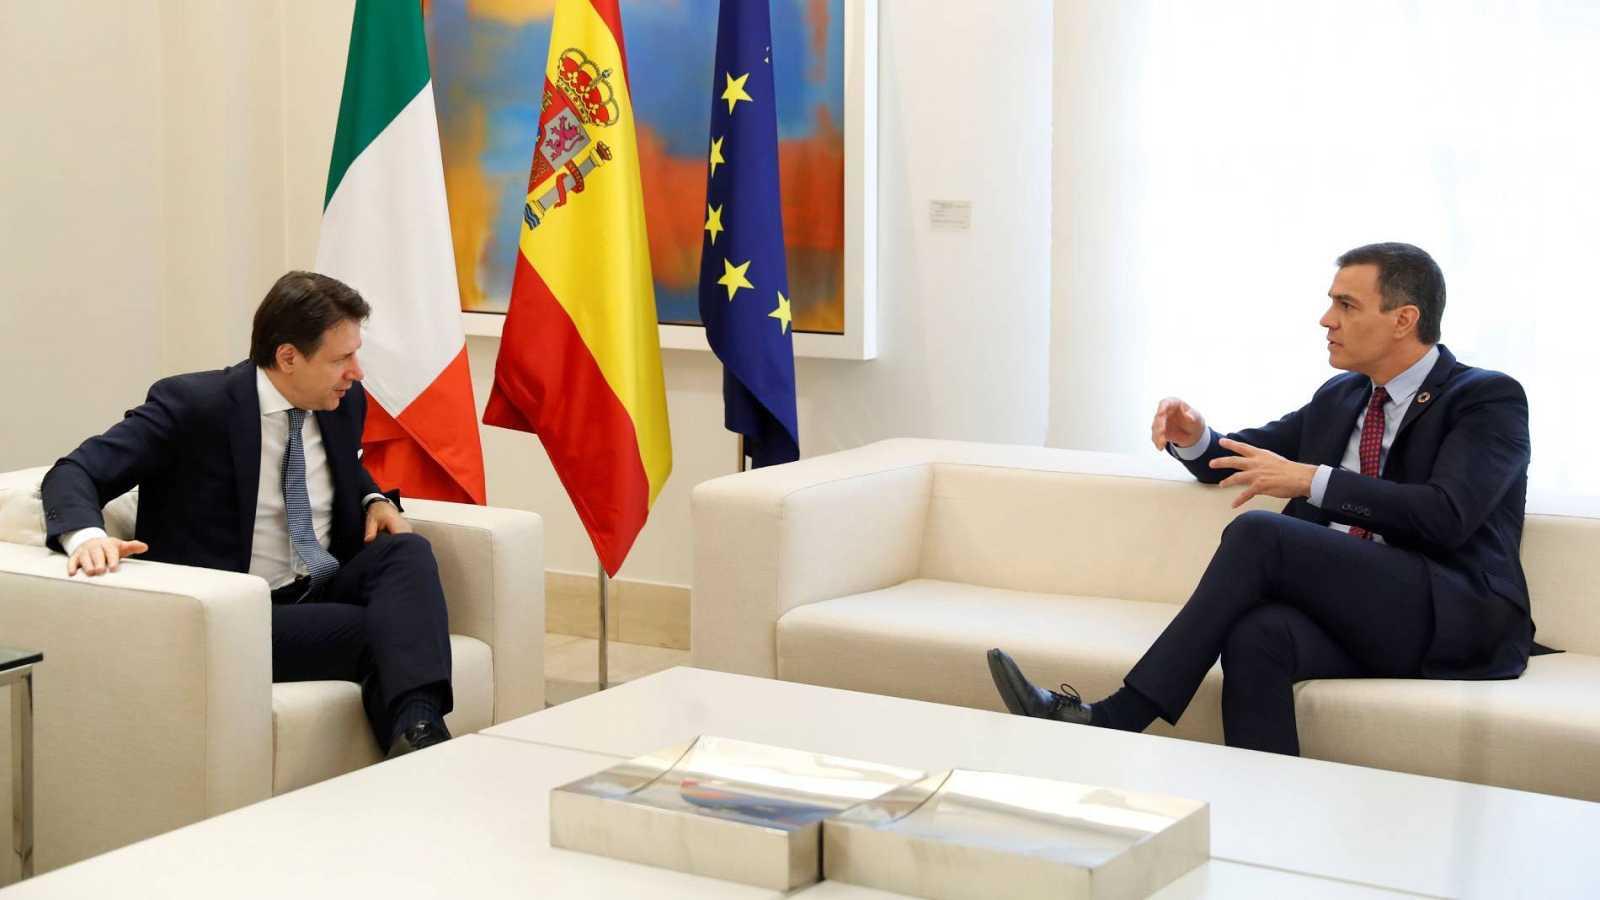 El presidente del Gobierno, Pedro Sánchez, junto al primer ministro italiano, Giuseppe Conte, en el Palacio de la Moncloa